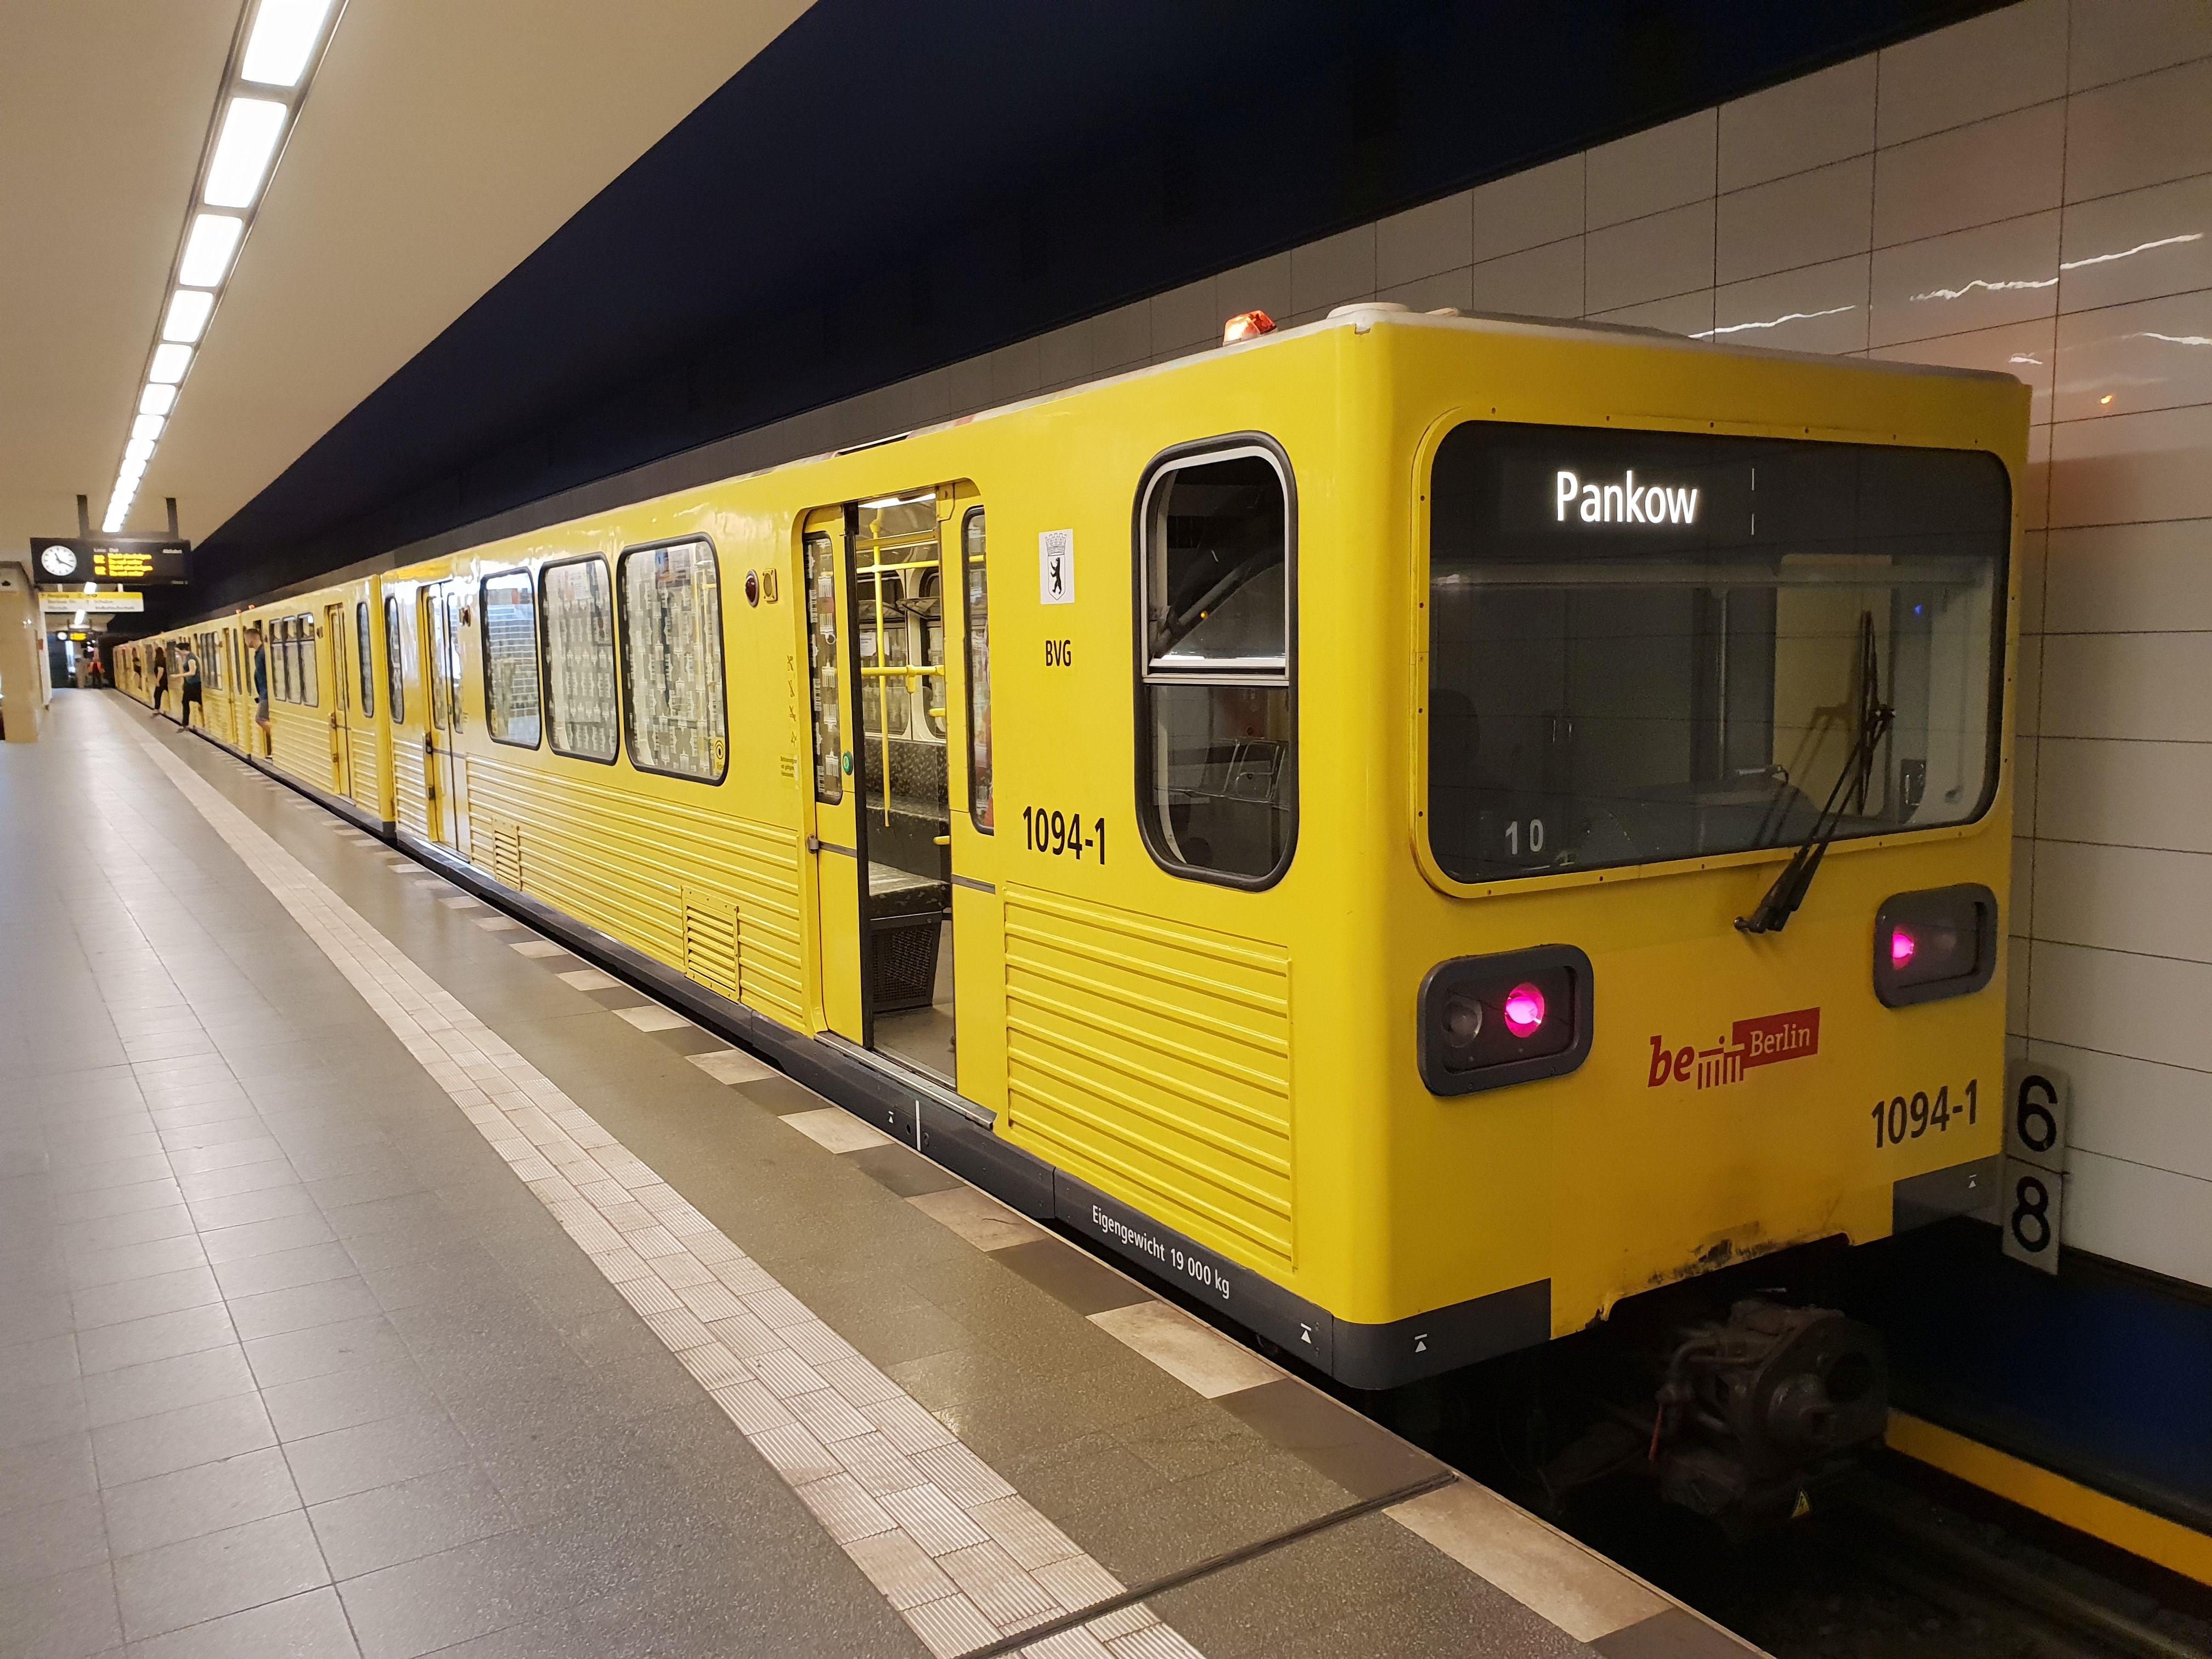 U-Bahn 1094, Baureihe G, Berlin-Pankow, August 2018